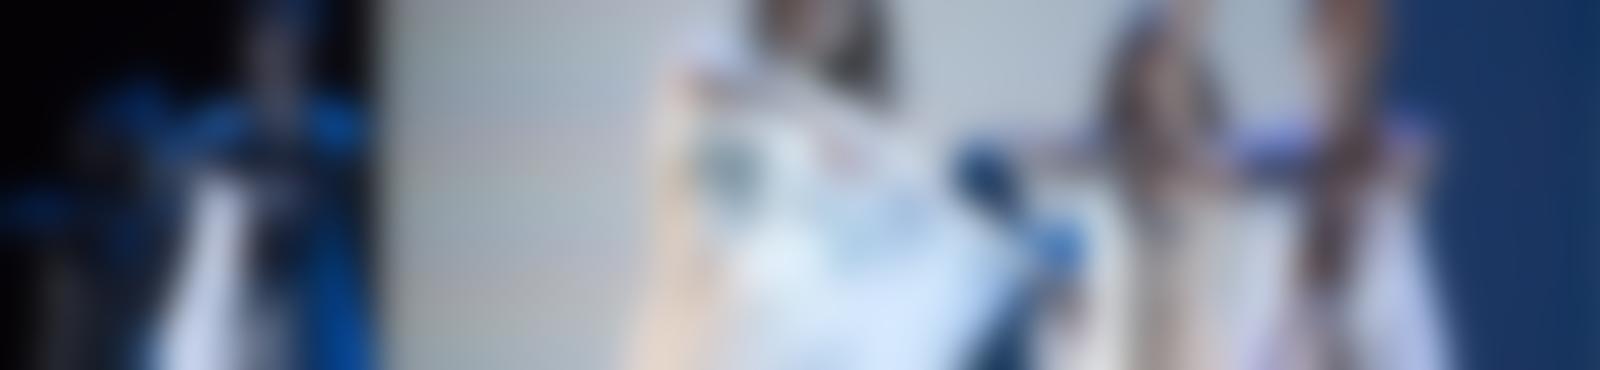 Blurred 02de6d14 c6a3 46b9 9c06 f22550123bc9